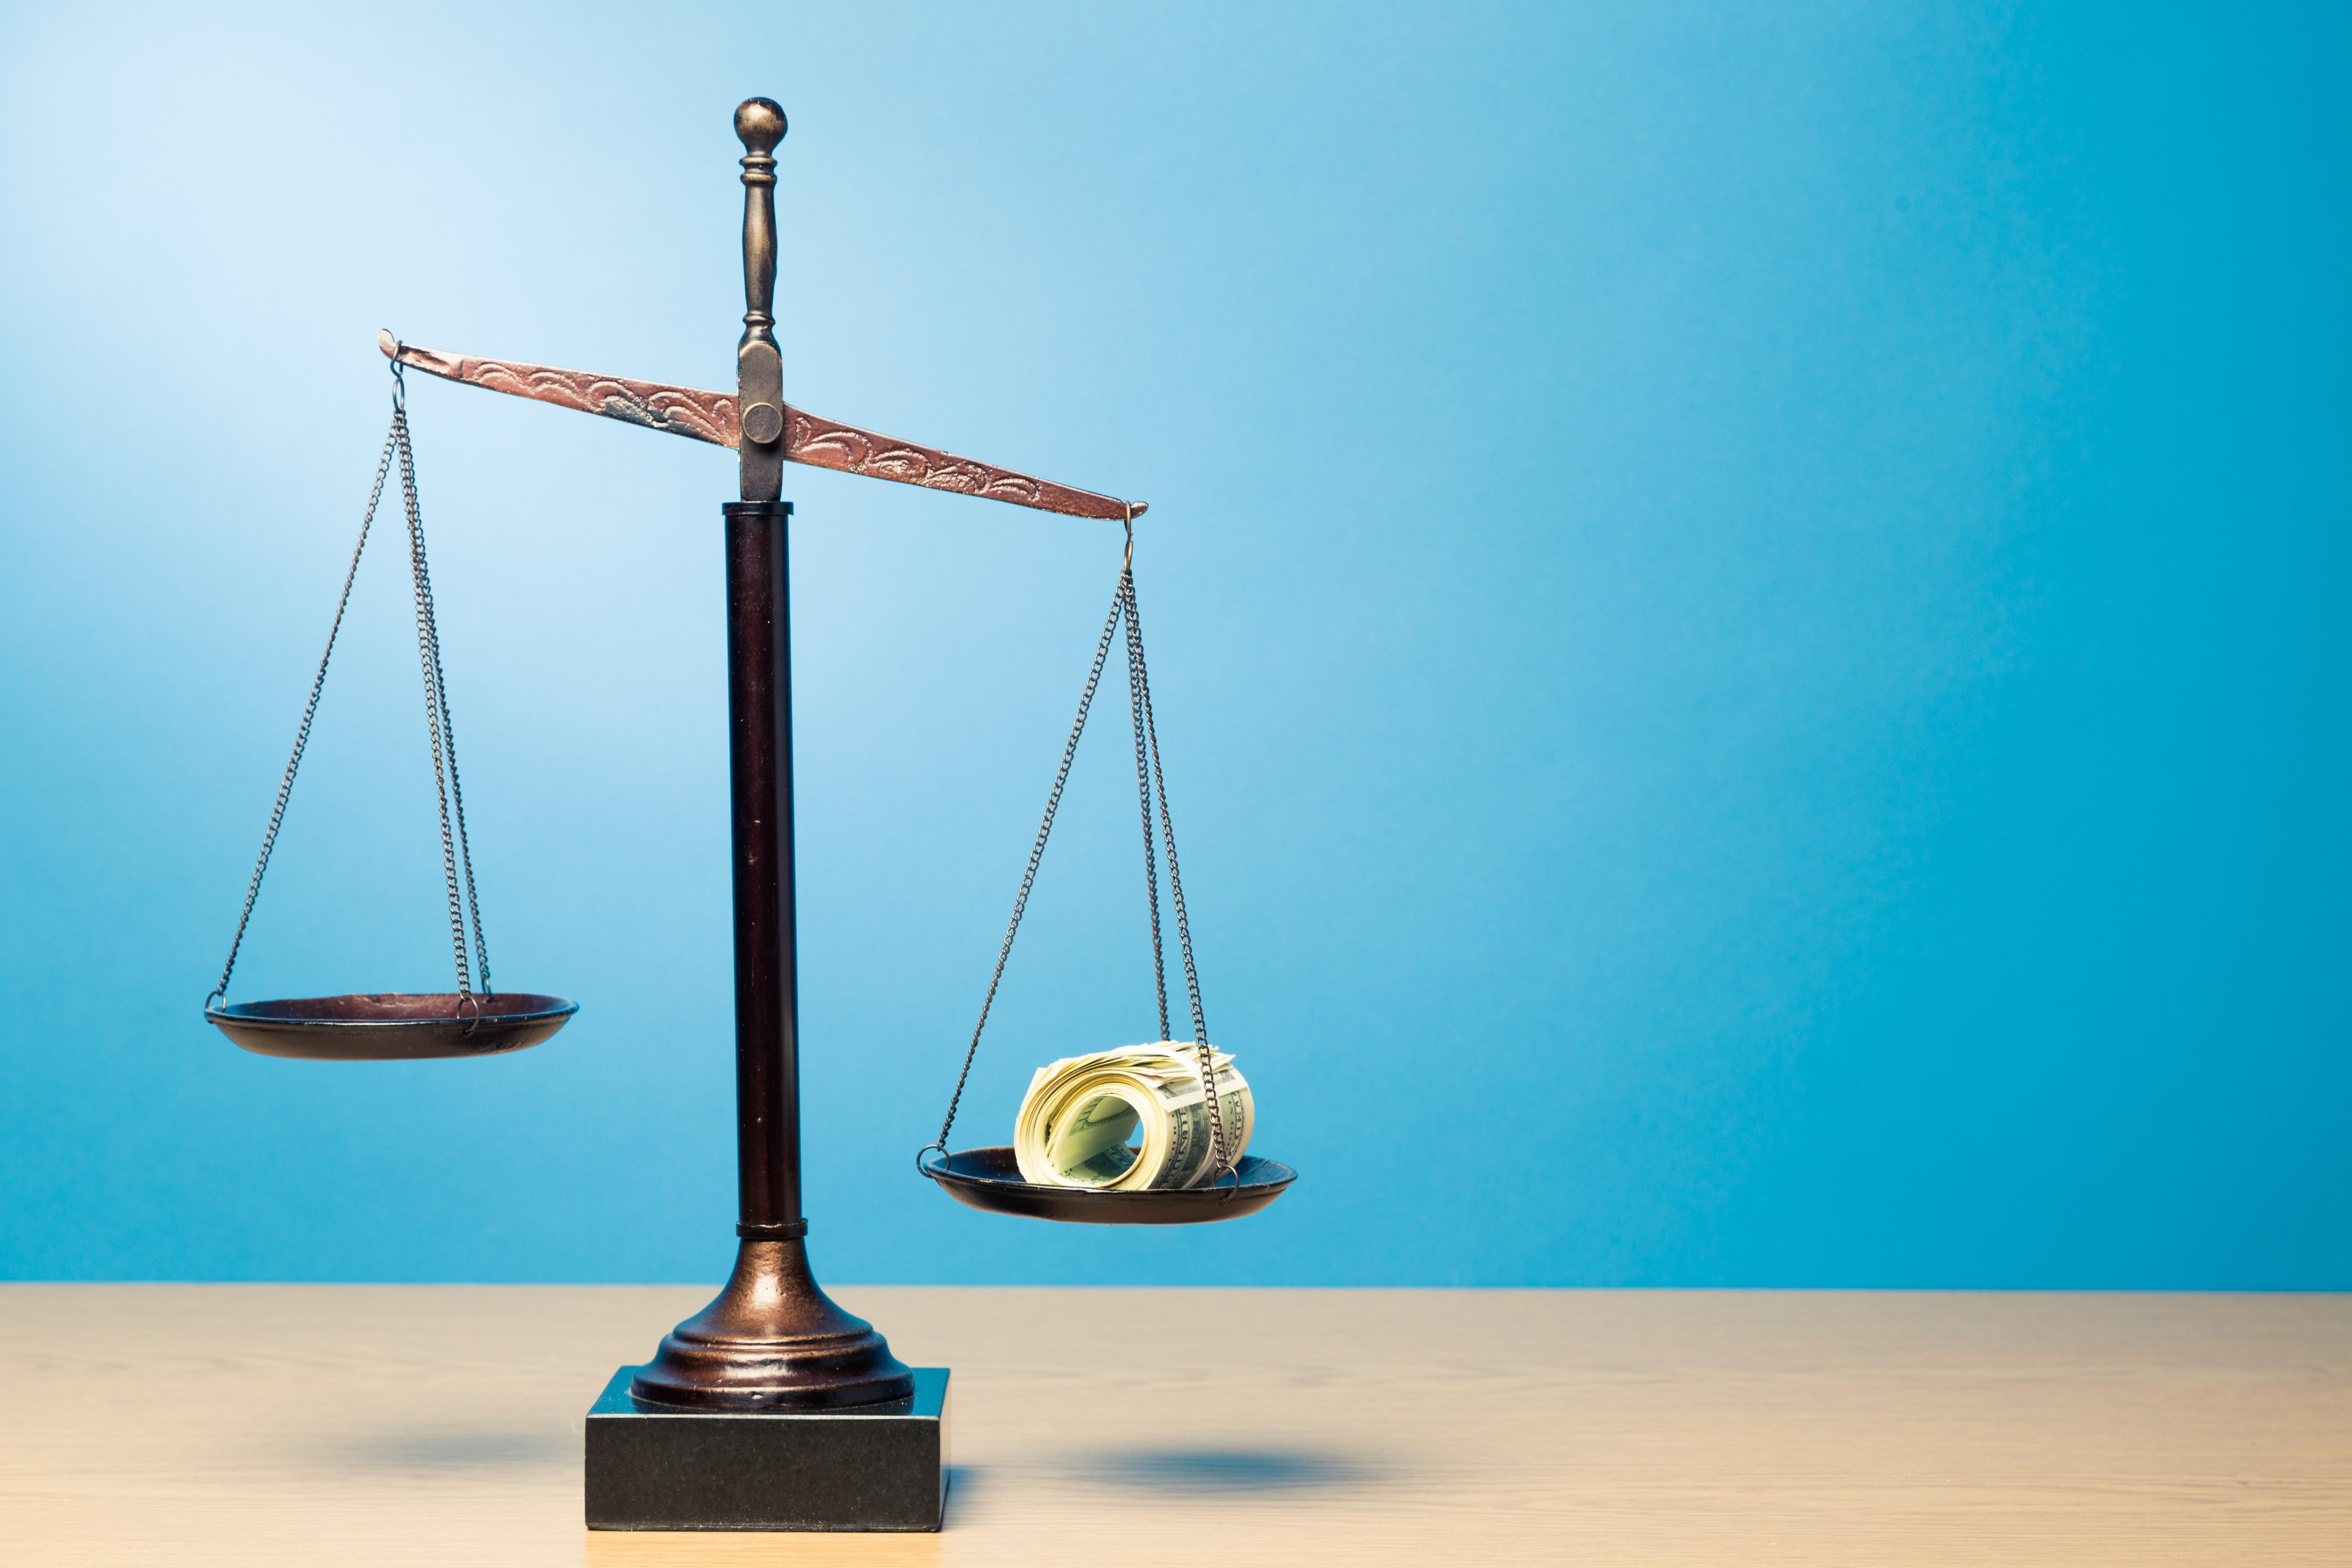 מזונות ילדים, עורך דין לענייני משפחה , עורך דין לגירושין